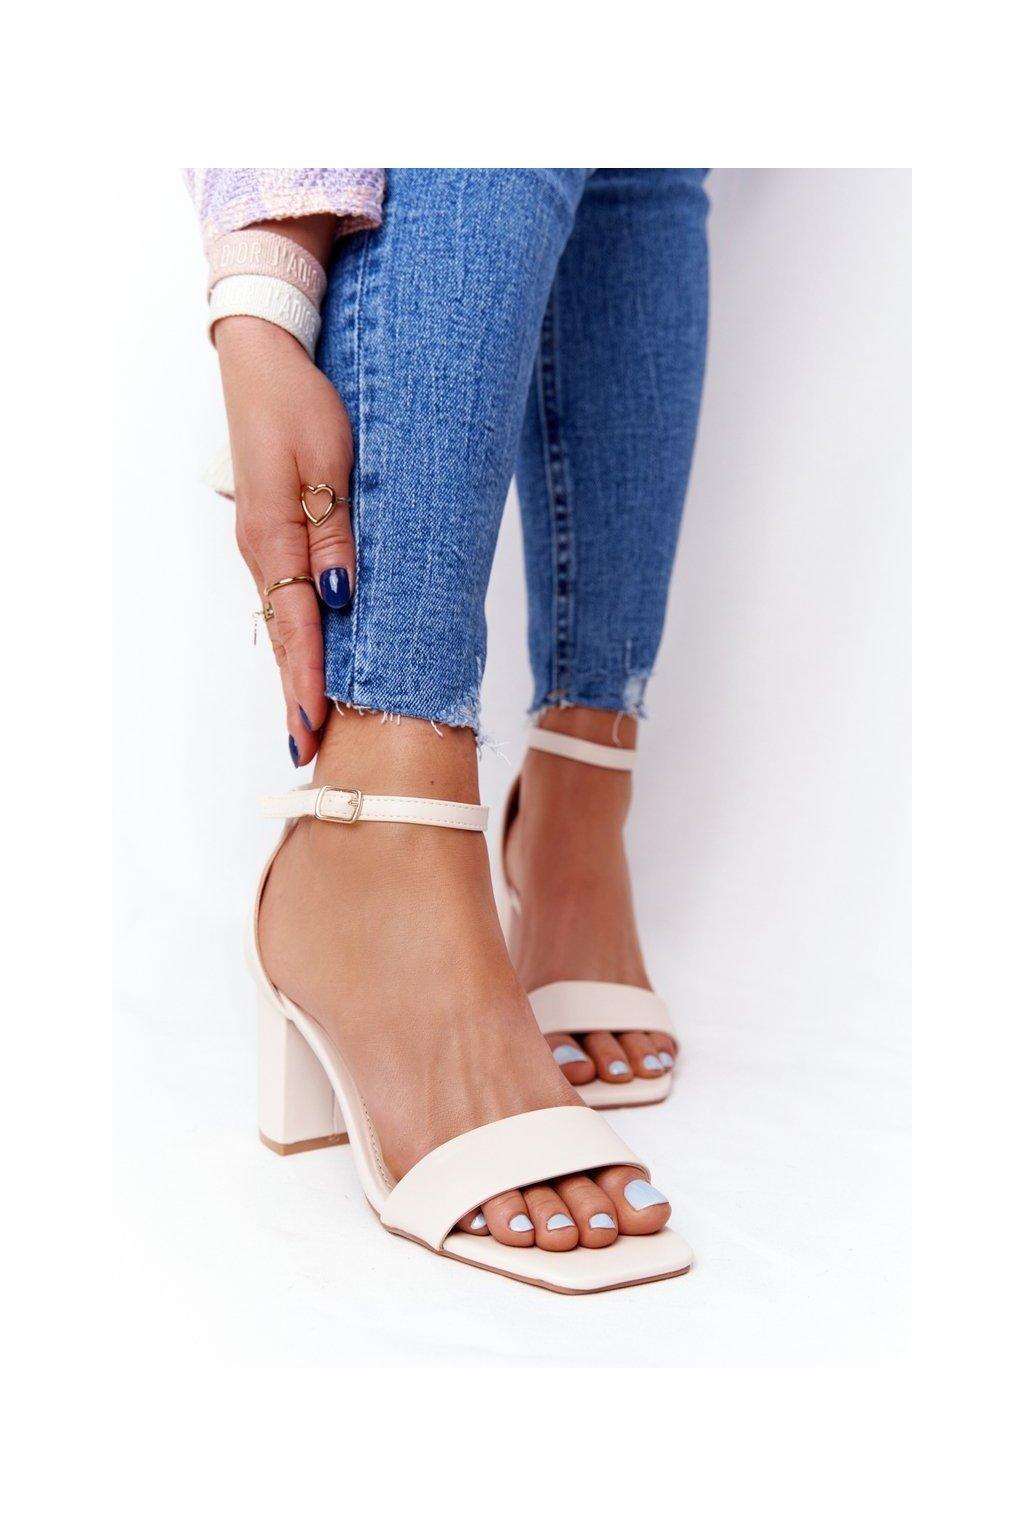 Béžové sandále NJSK LL-245P